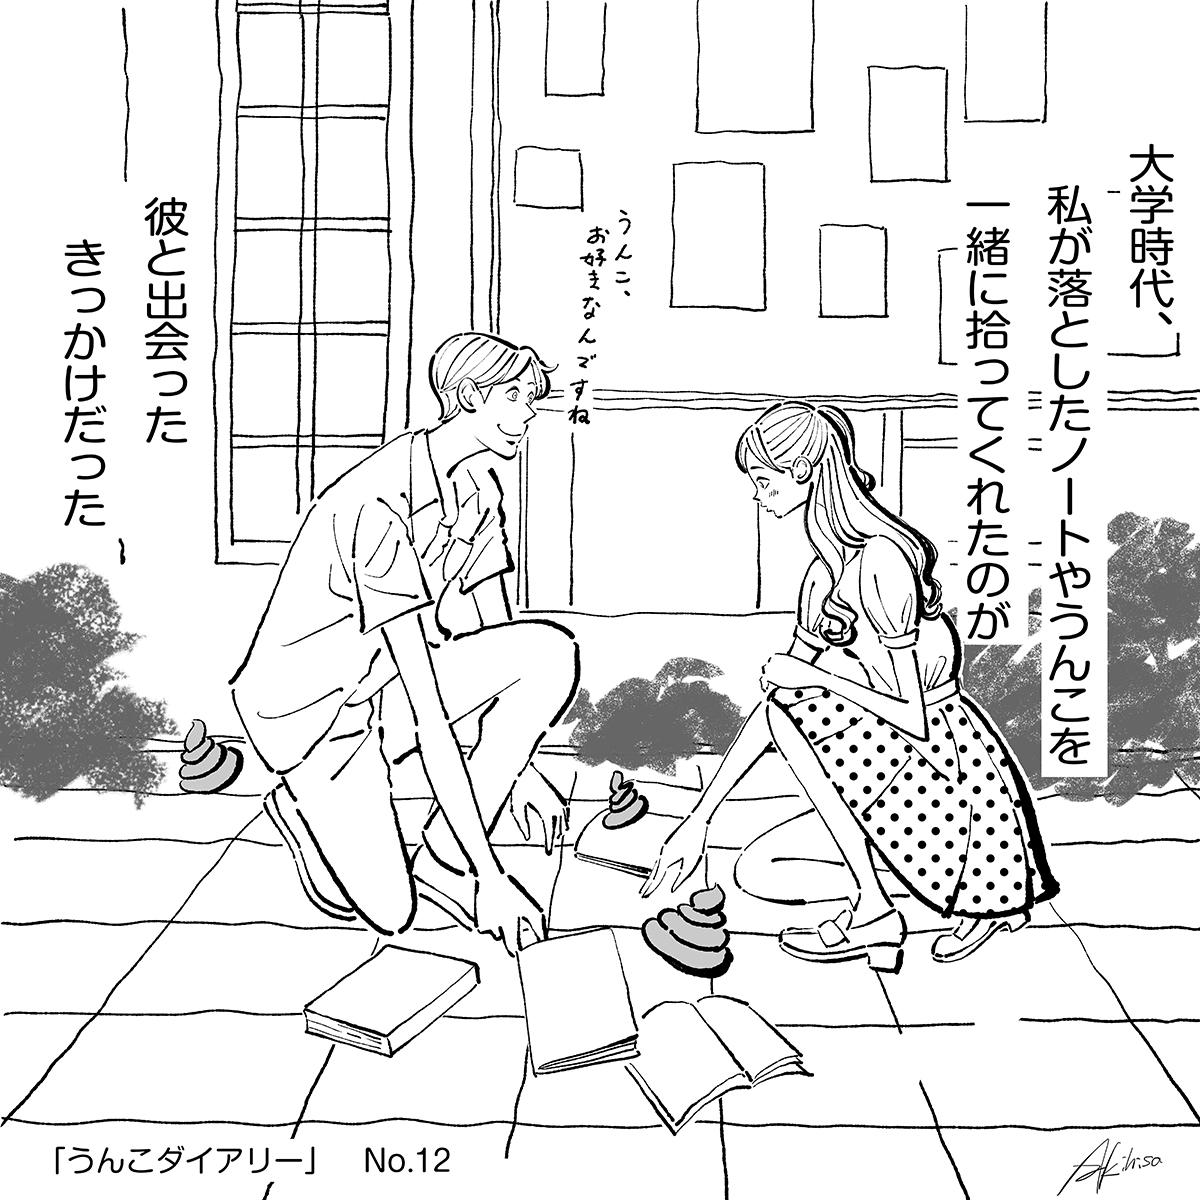 大学での出逢い_恋愛_大学生_カップルのイラスト